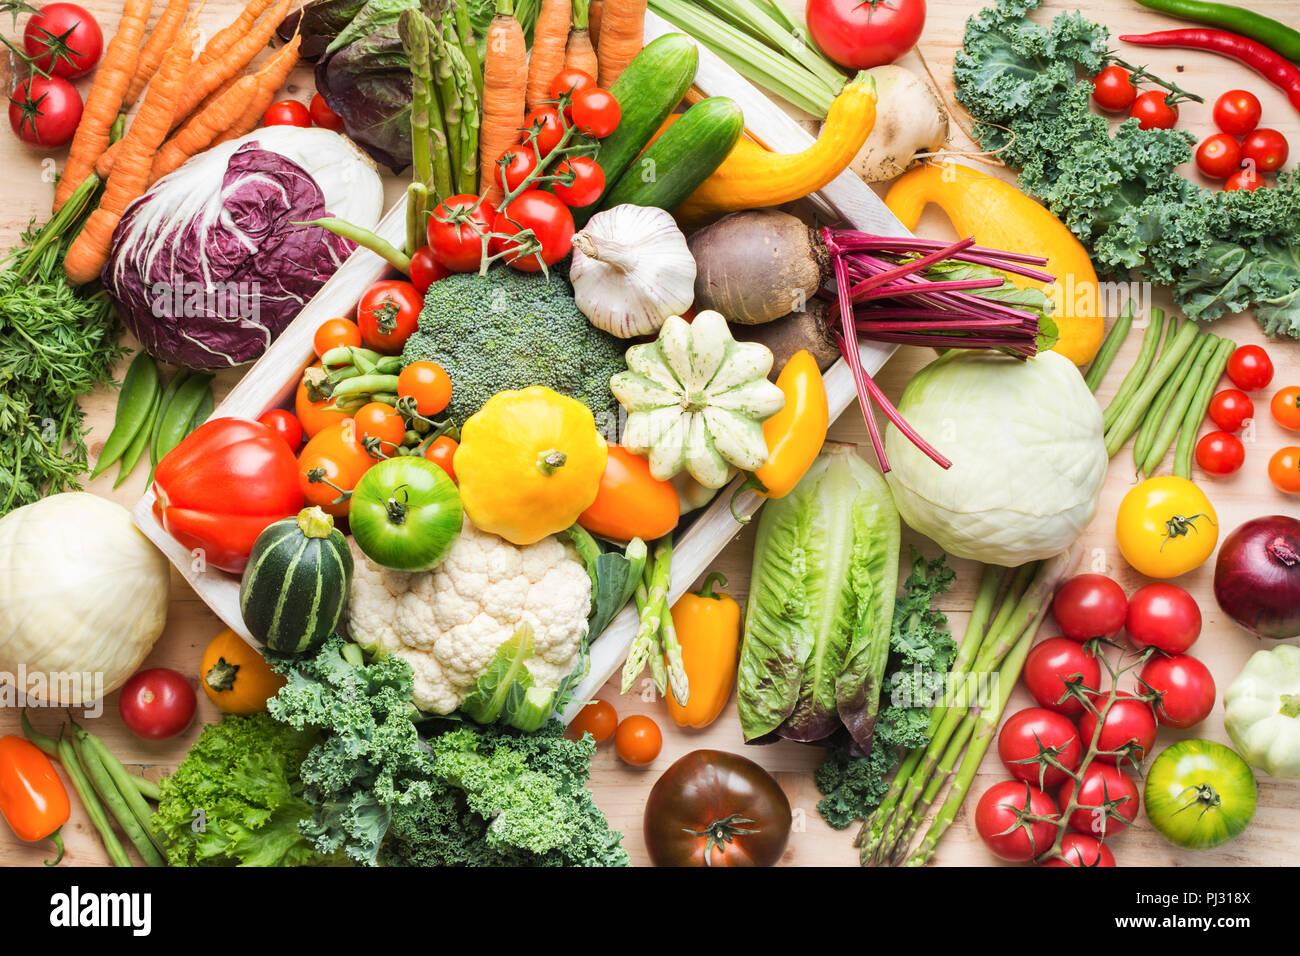 Surtido de colores frescos vegetales orgánicos en bandeja blanca en madera de pino, tabla de alimentos, vista superior de fondo, el enfoque selectivo Imagen De Stock